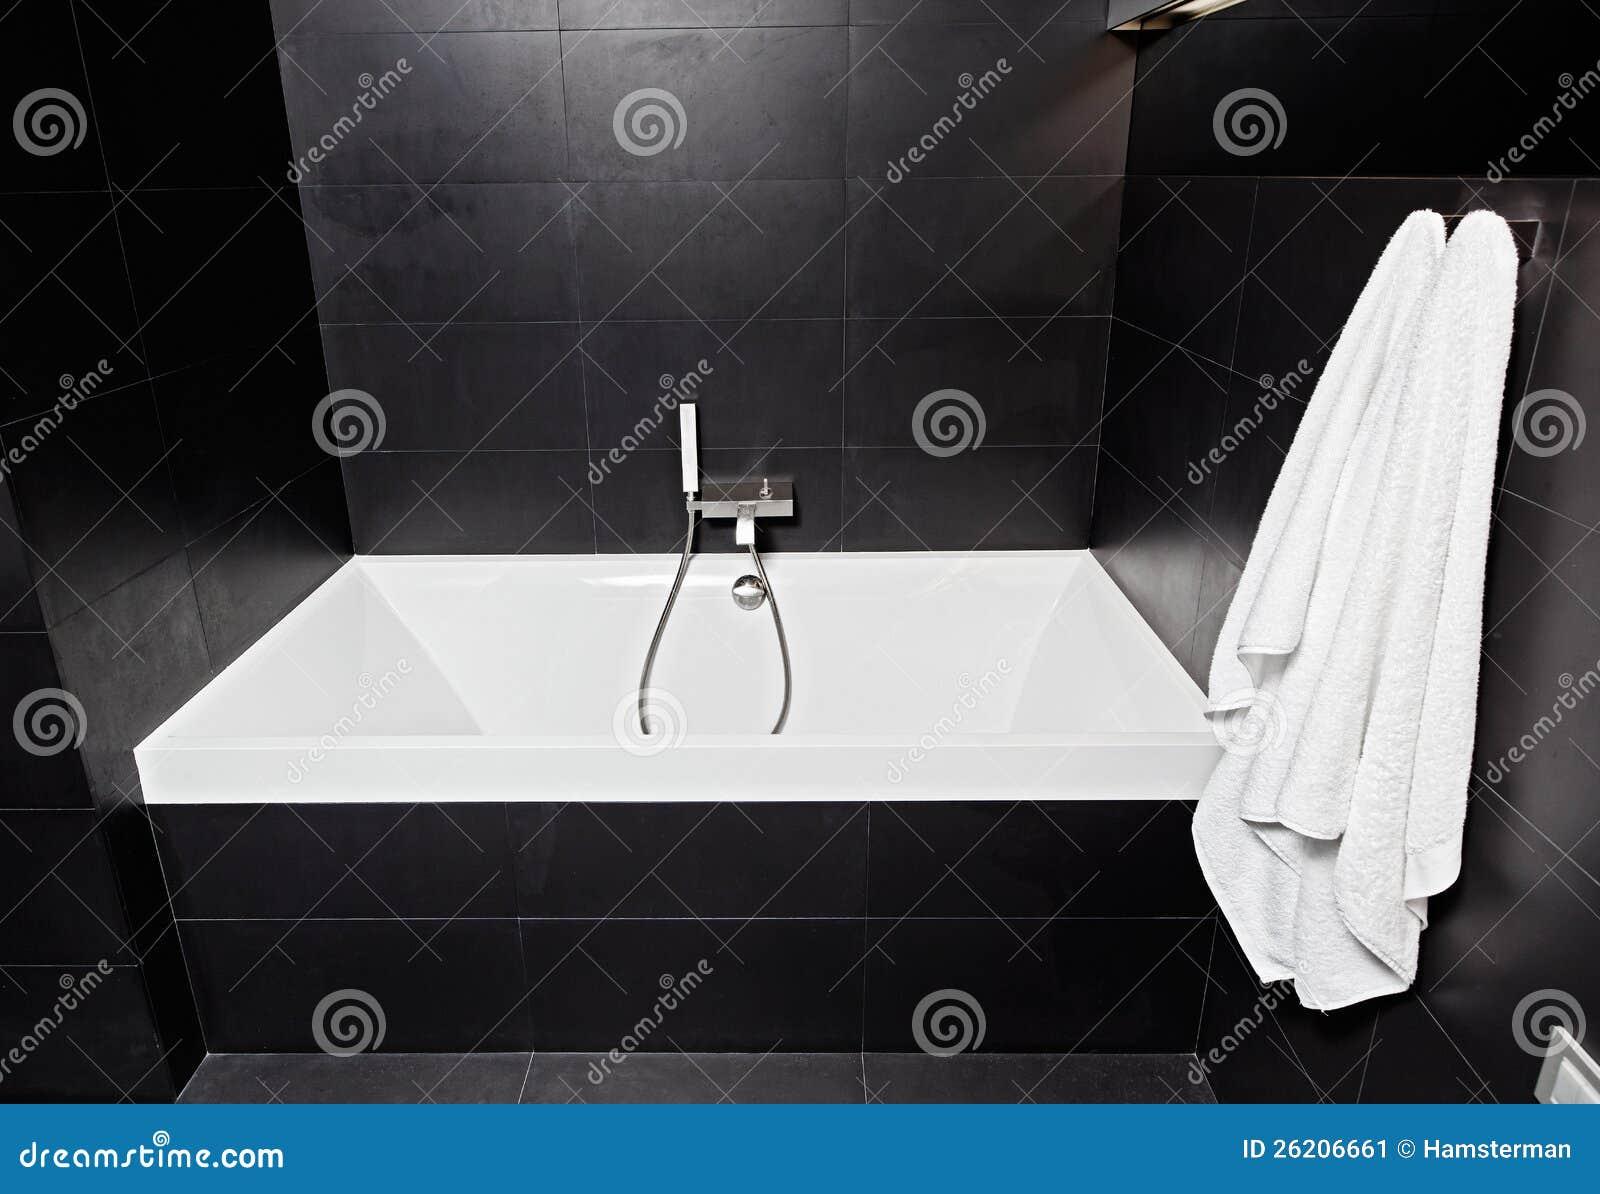 baignoire de grand dos blanc dans la salle de bains moderne image stock image du robinet. Black Bedroom Furniture Sets. Home Design Ideas